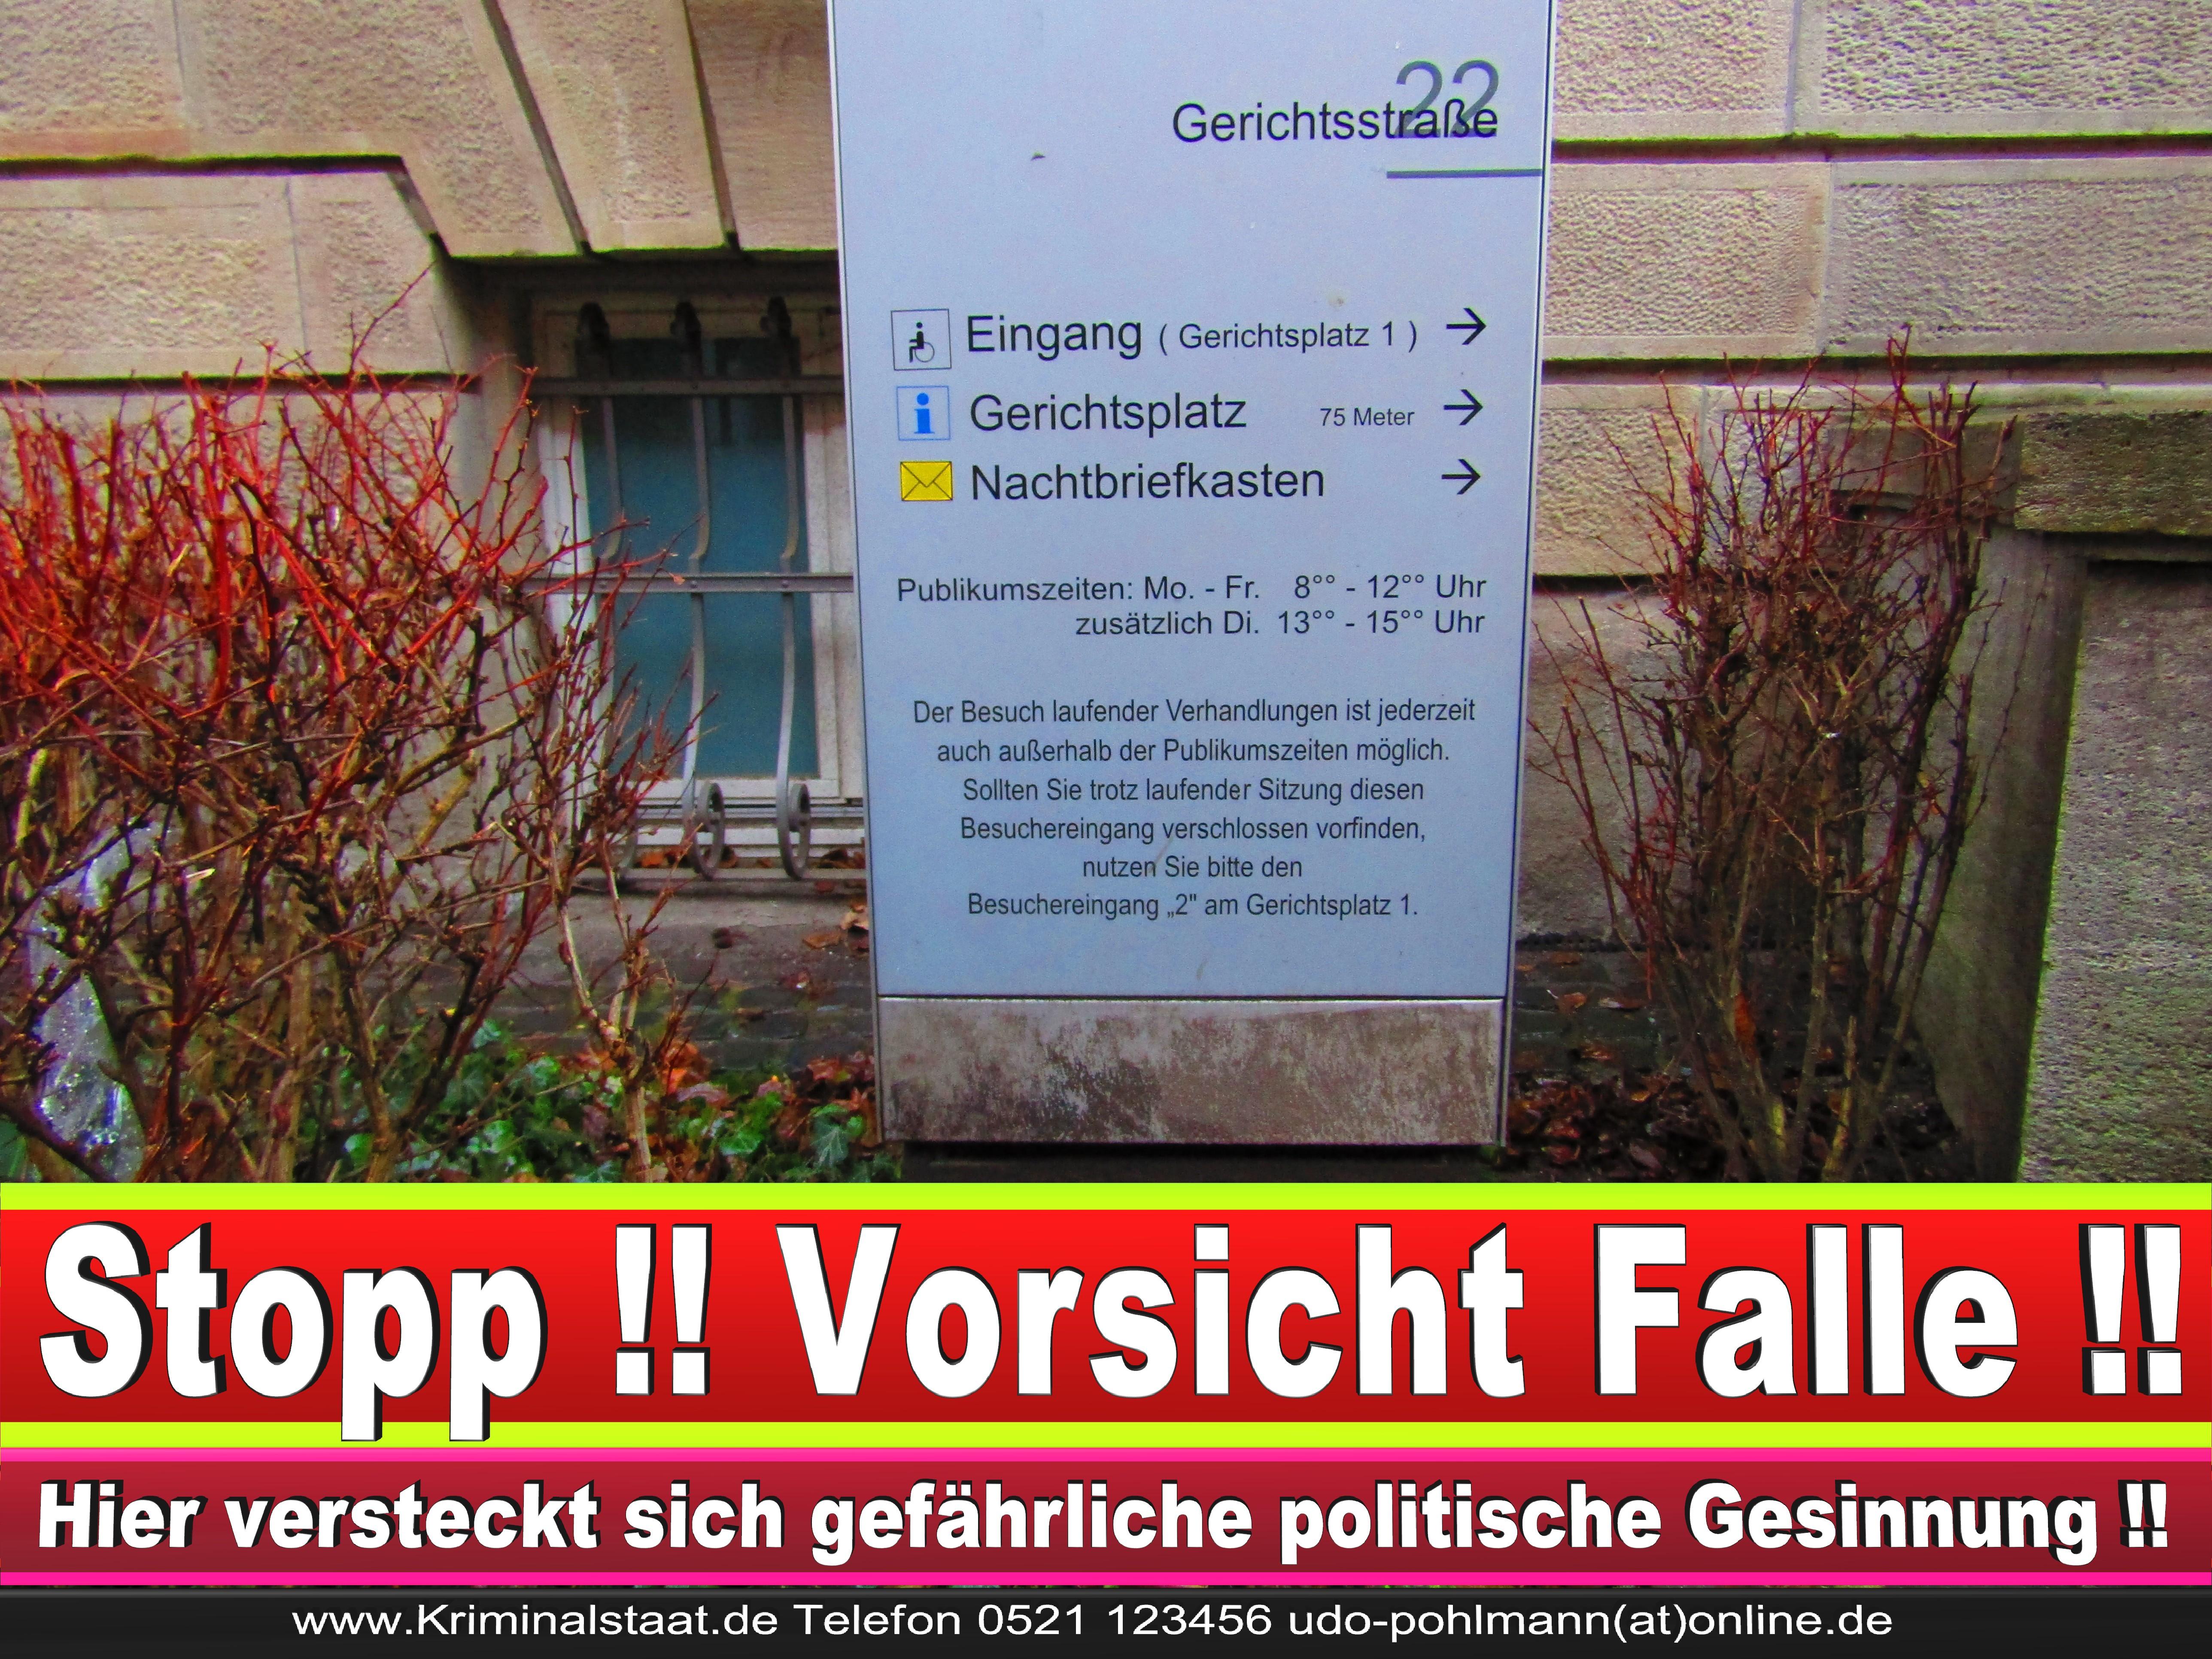 AMTSGERICHT DORTMUND RICHTER AUSBILDUNG PRAKTIKUM ANFAHRT URTEILE KORRUPTION POLIZEI ADRESSE DIREKTOR (7) 2